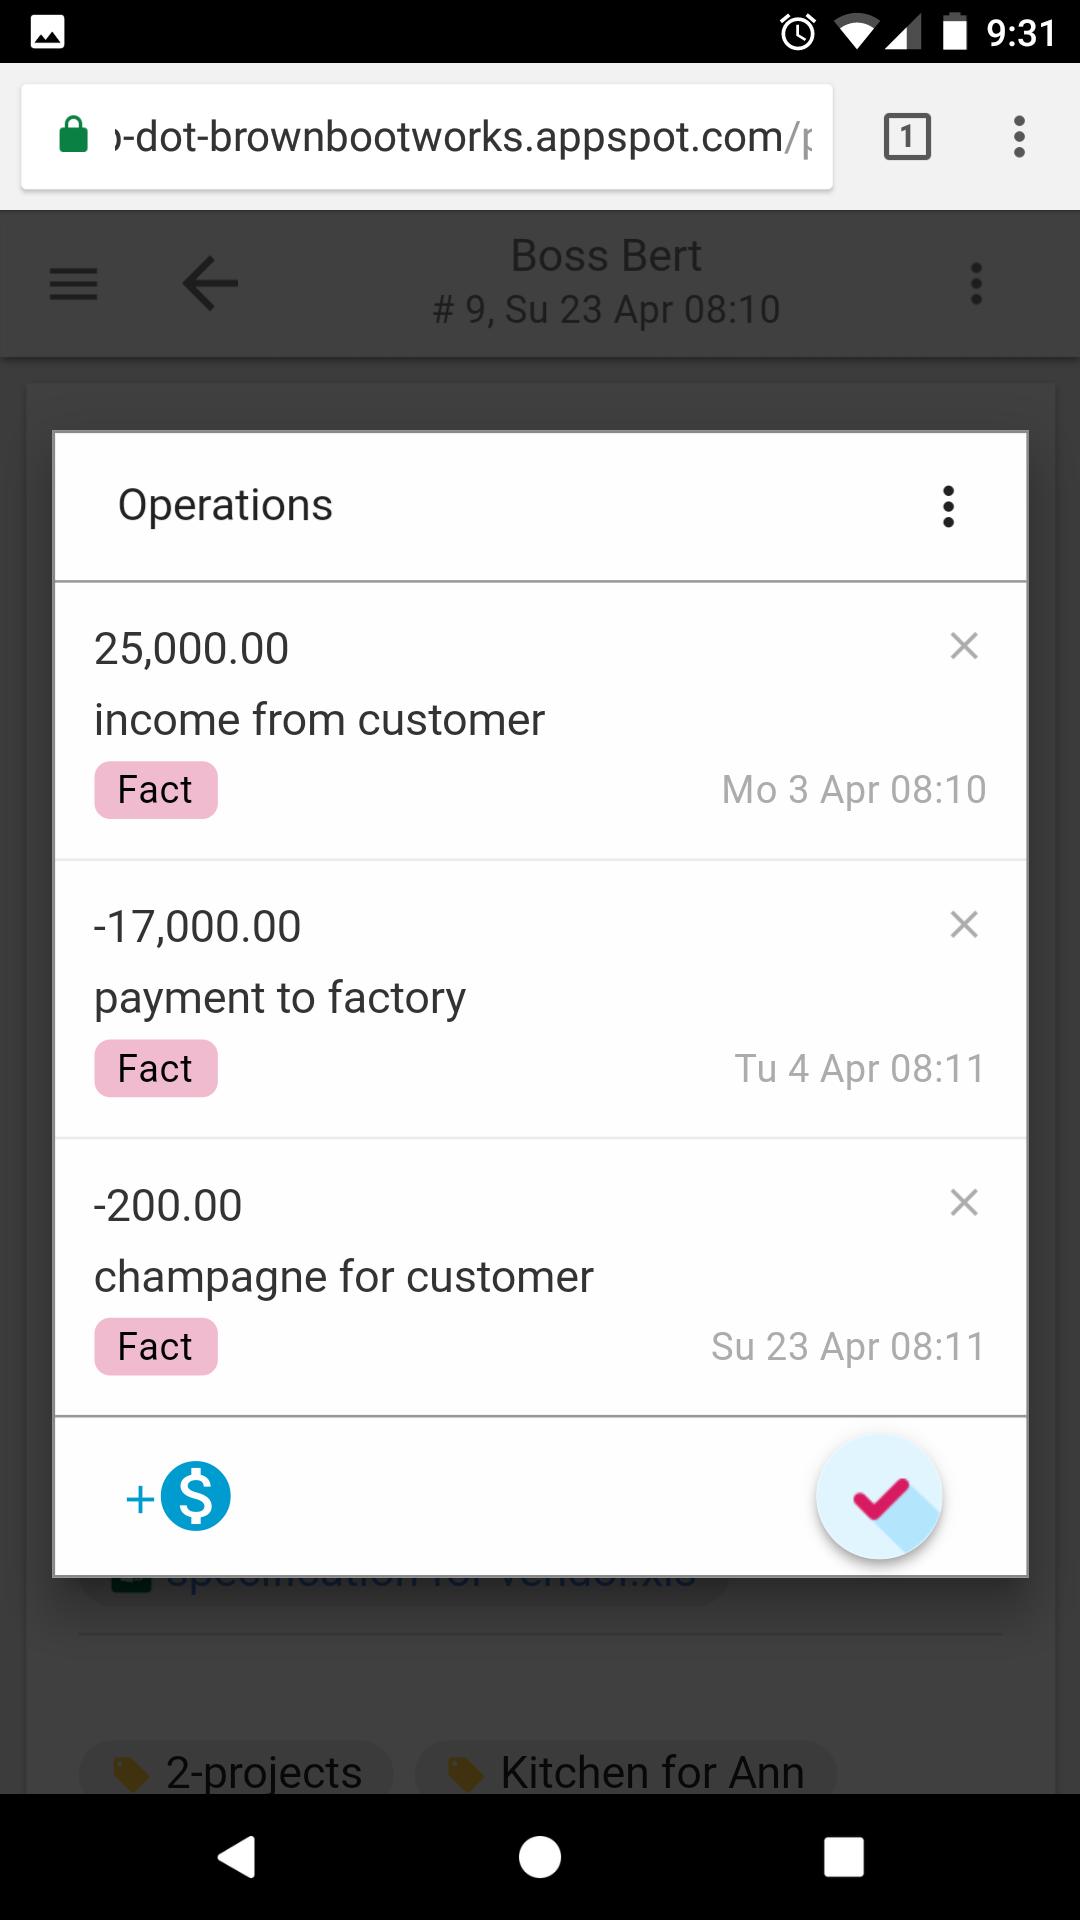 Операции, введённые Руководителем — клиентские проекты